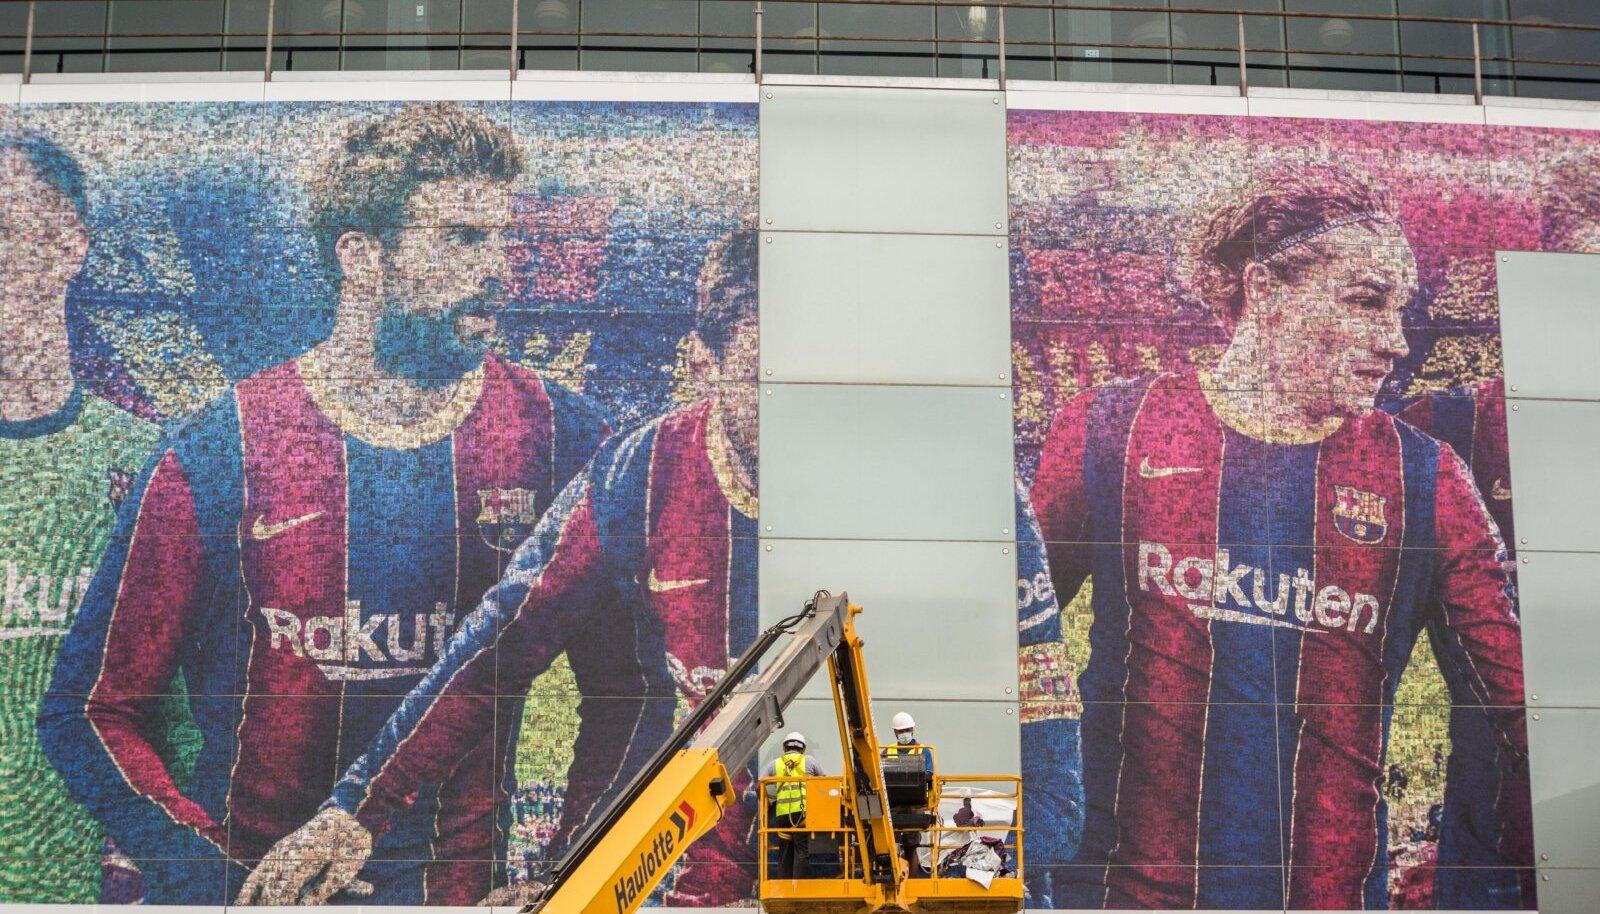 LÄINUD: Töömehed eemaldavad Messi pilti Camp Nou staadioni hiigelpostrilt.